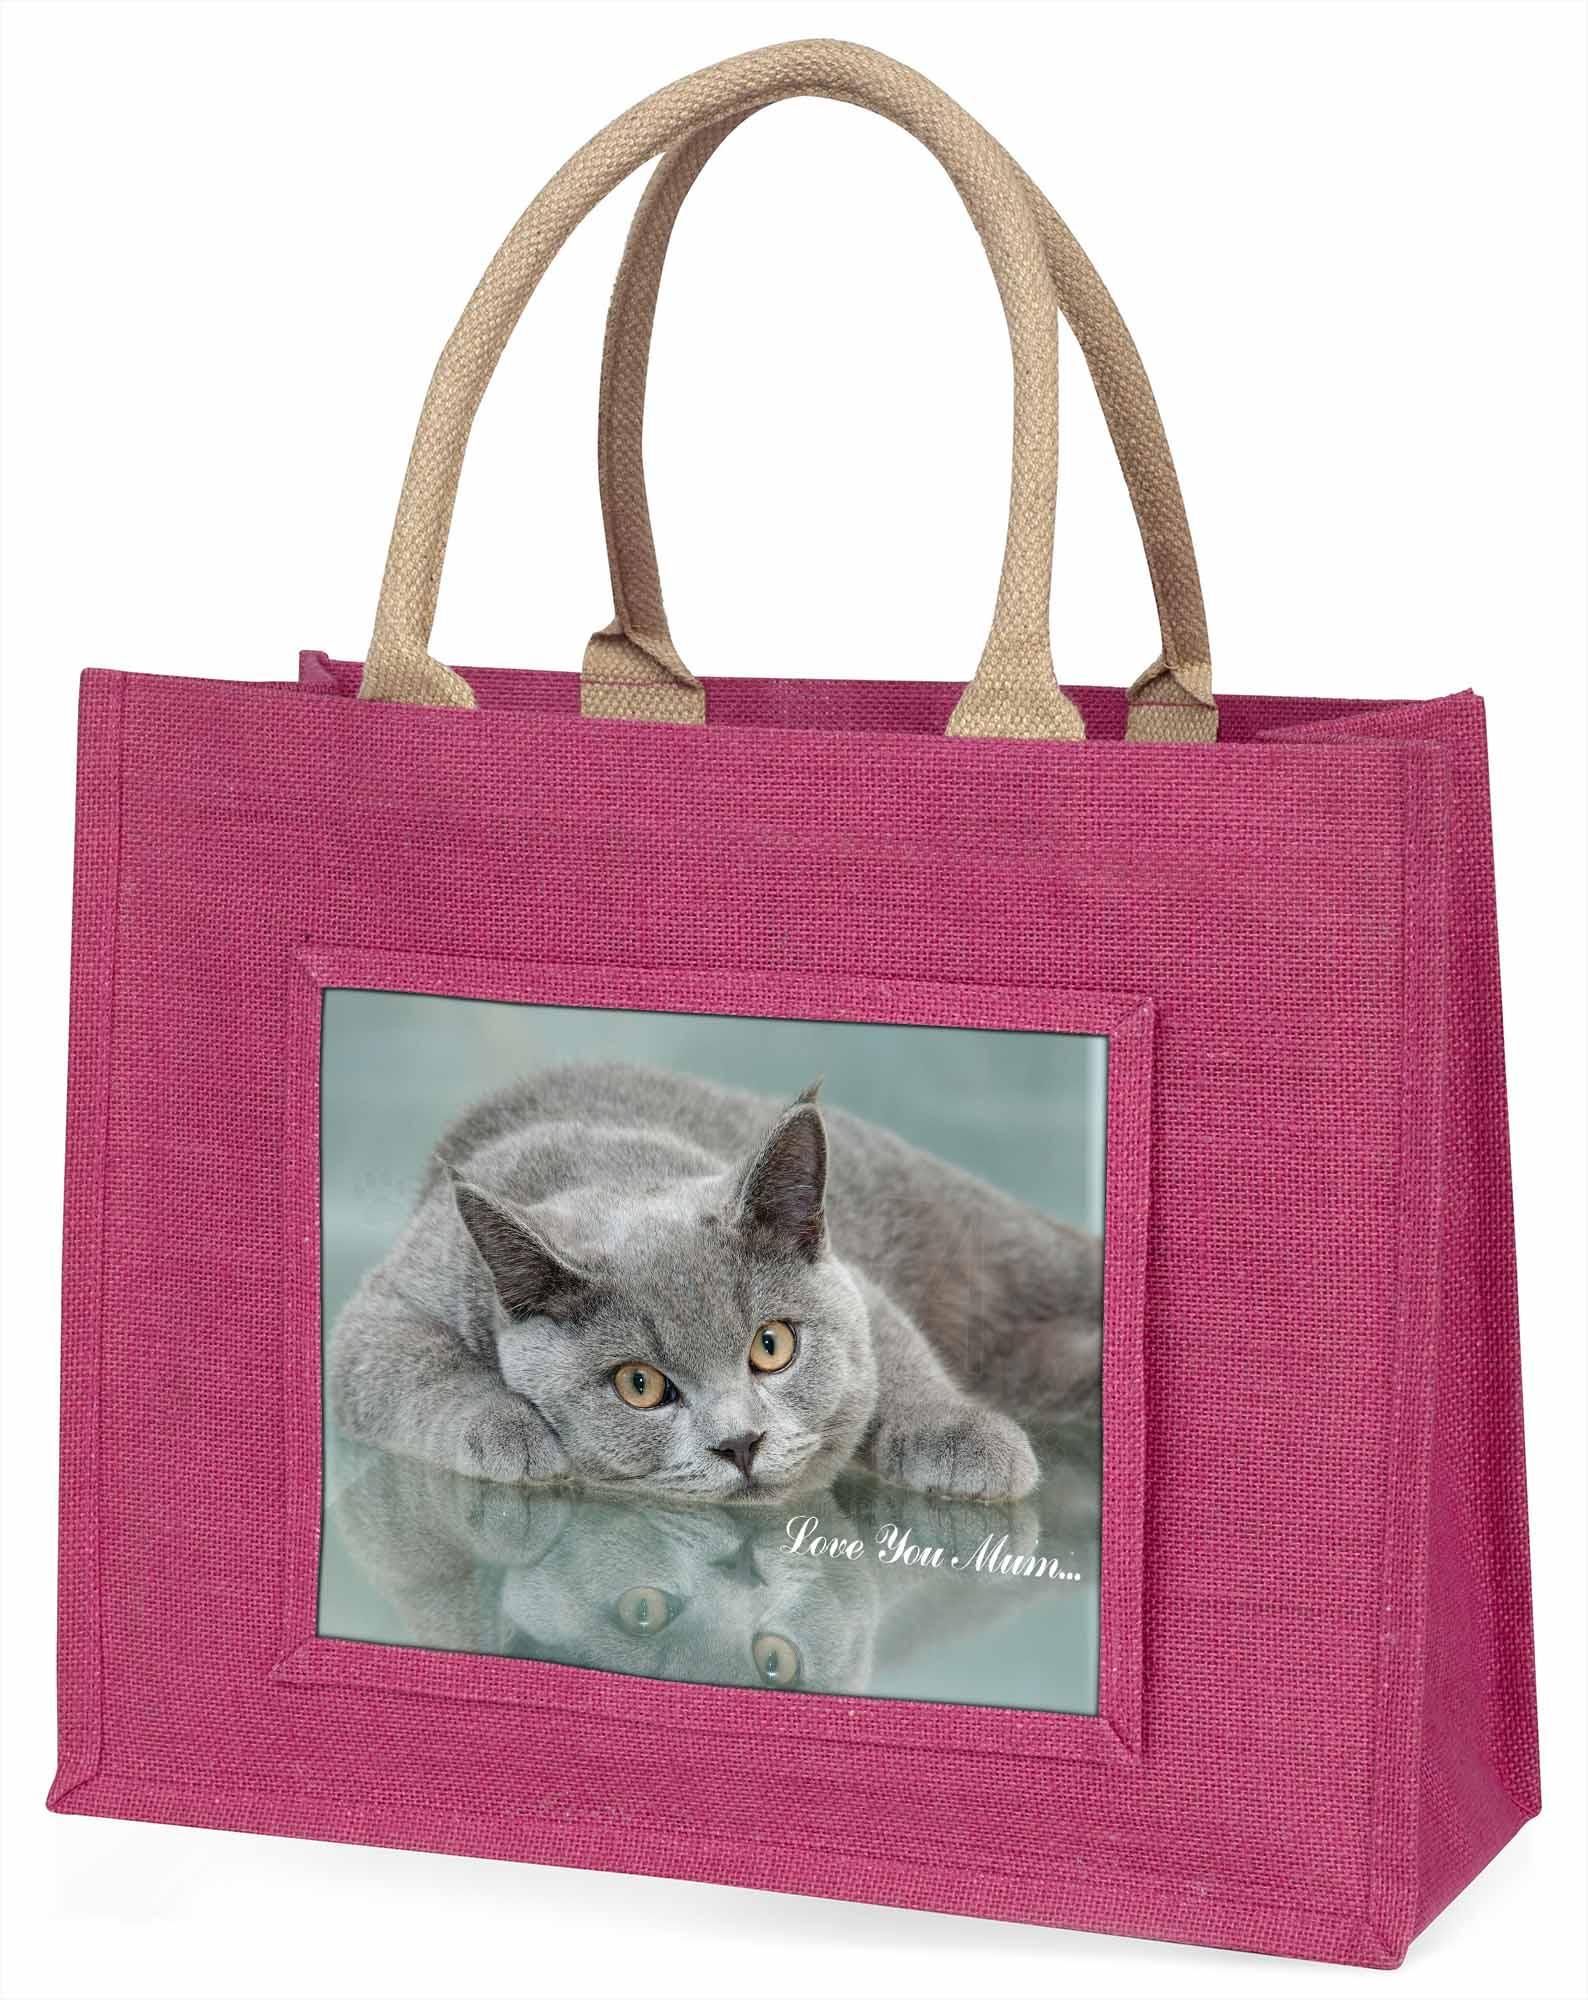 British Blue' Liebe, die sie Mama' große rosa Einkaufstasche WEIHNACHTEN vor,